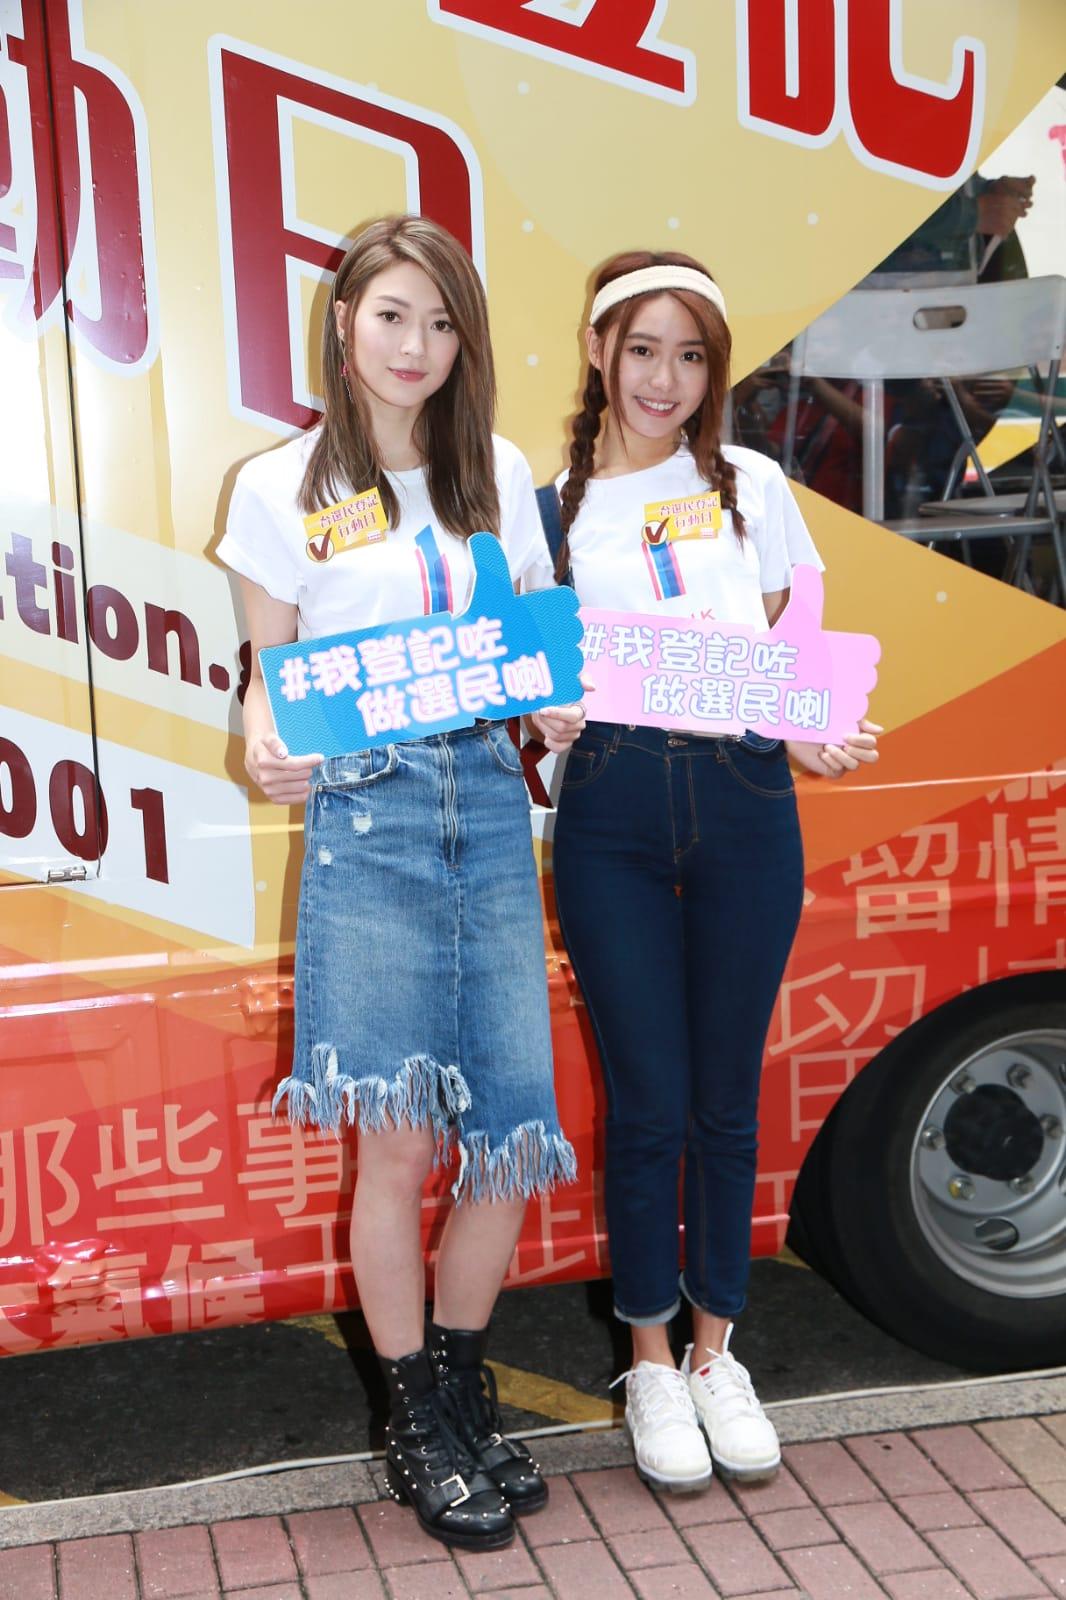 連詩雅(Shiga)和戴祖儀(Joey)今日到旺角出席「一台選民登記行動日」。